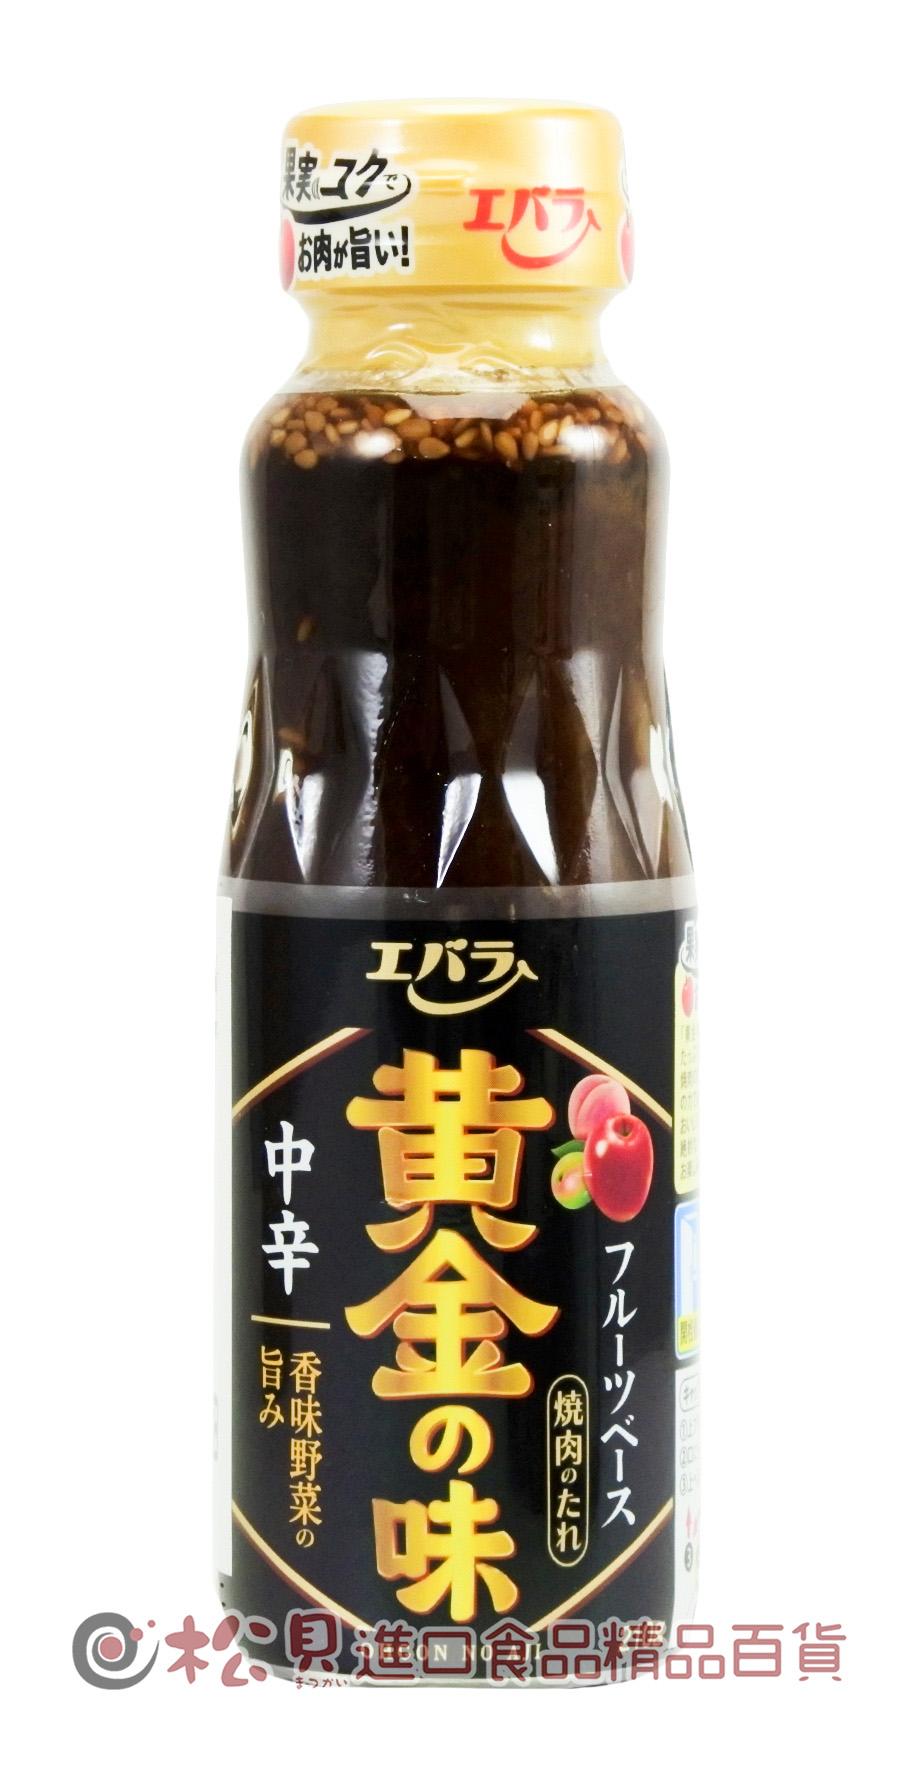 黃金烤肉醬(中辛)210g【4901108002018】.jpg